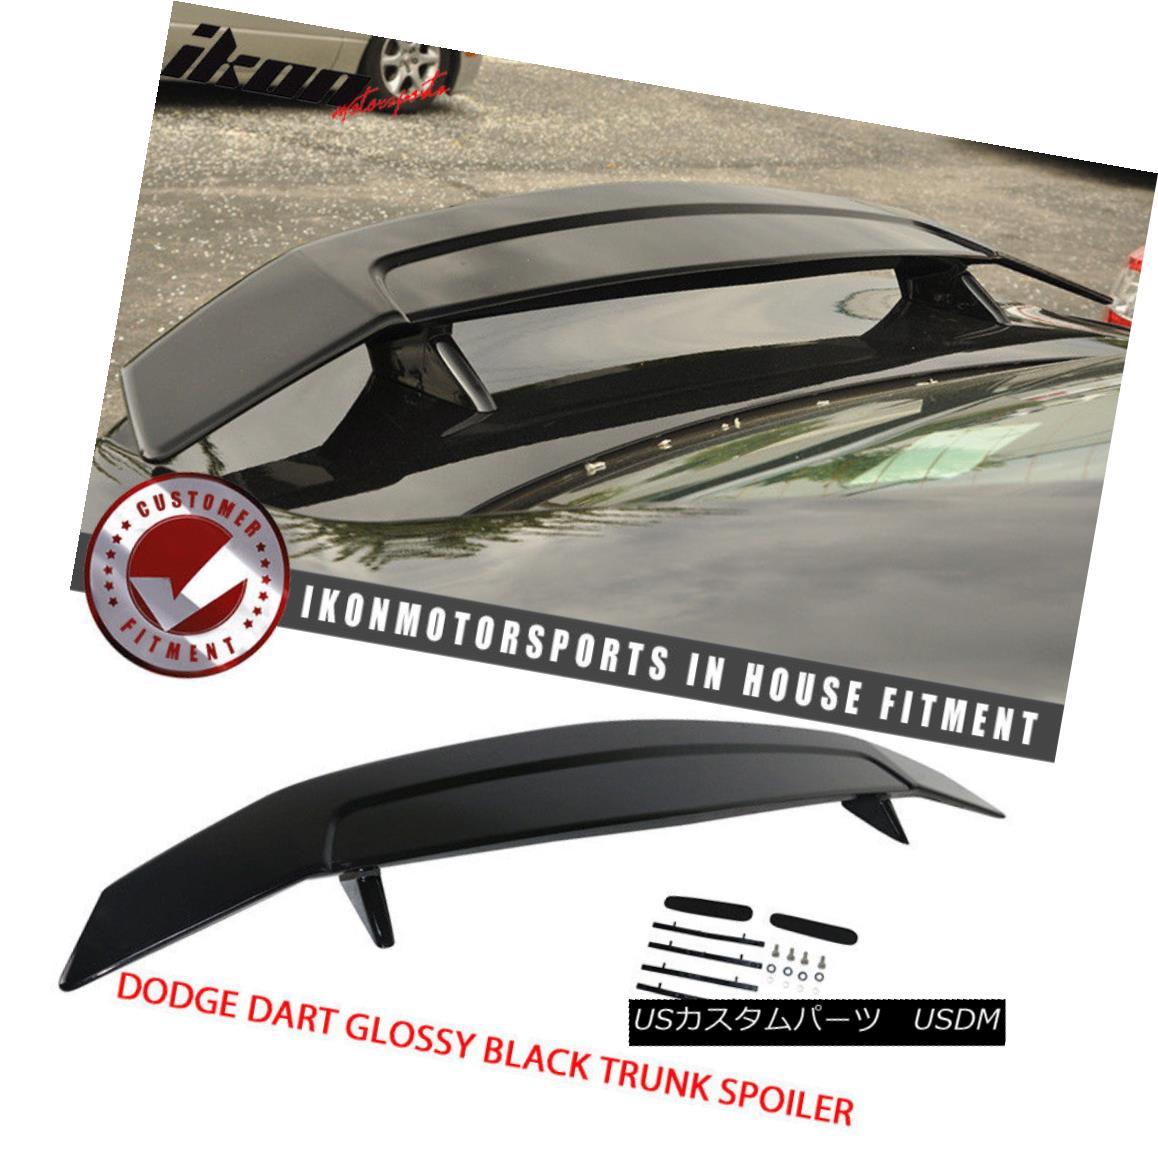 エアロパーツ Fits 13-16 Dodge Dart 2 Post Glossy Black Trunk Spoiler Wing - ABS フィット13-16ダッジダーツ2ポストグロスブラックトランクスポイラーウィング - ABS